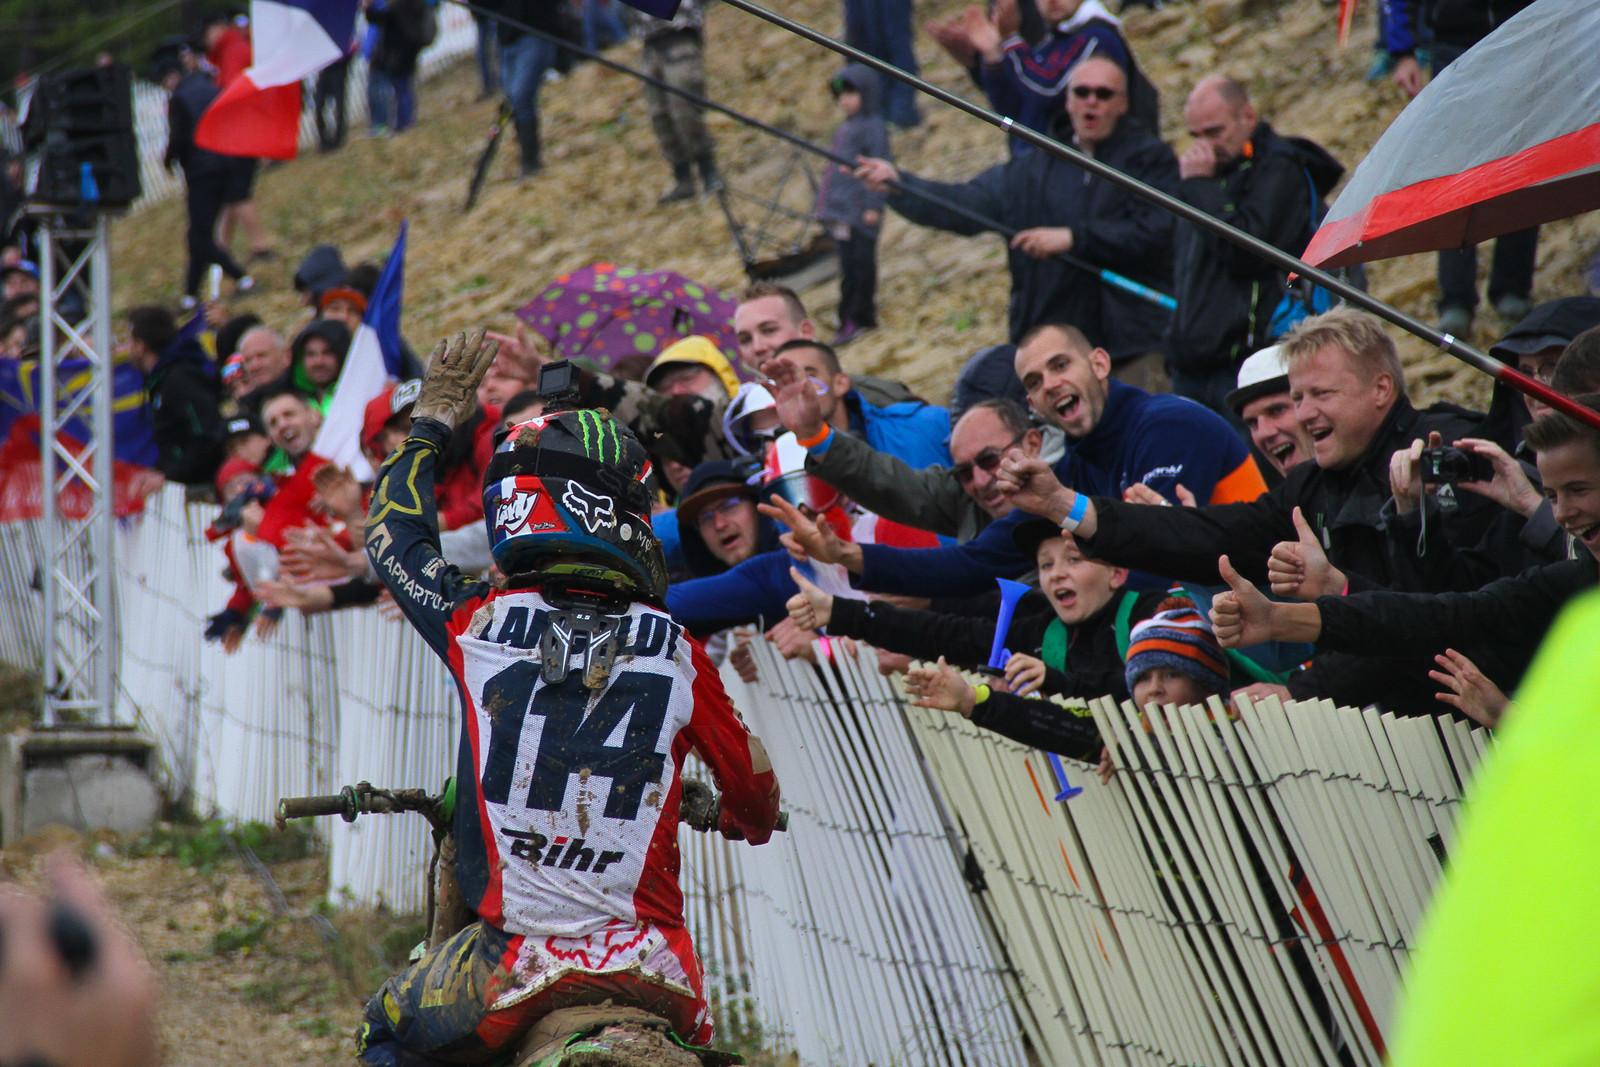 Livia Lancelot - ayearinmx - Motocross Pictures - Vital MX